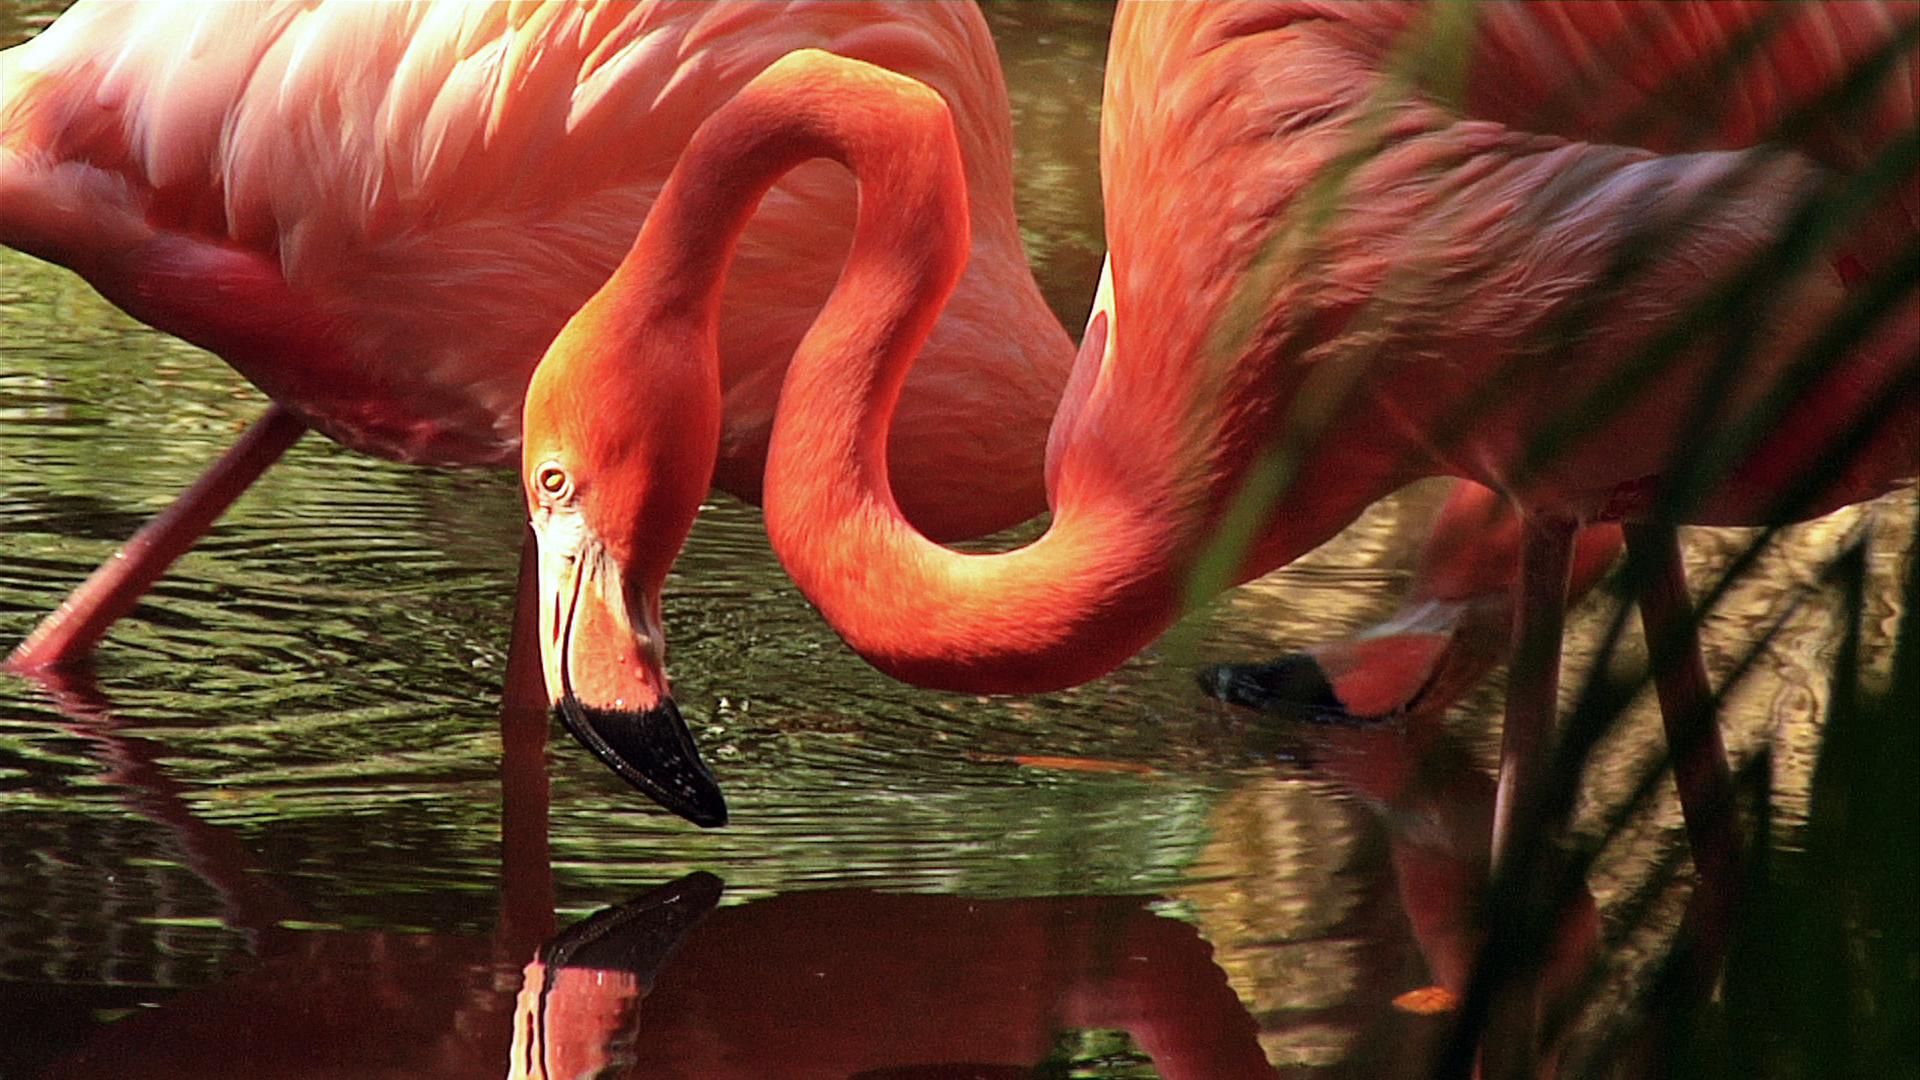 SWFL-TV – The Flamingo Waltz at Everglades Wonder Gardens